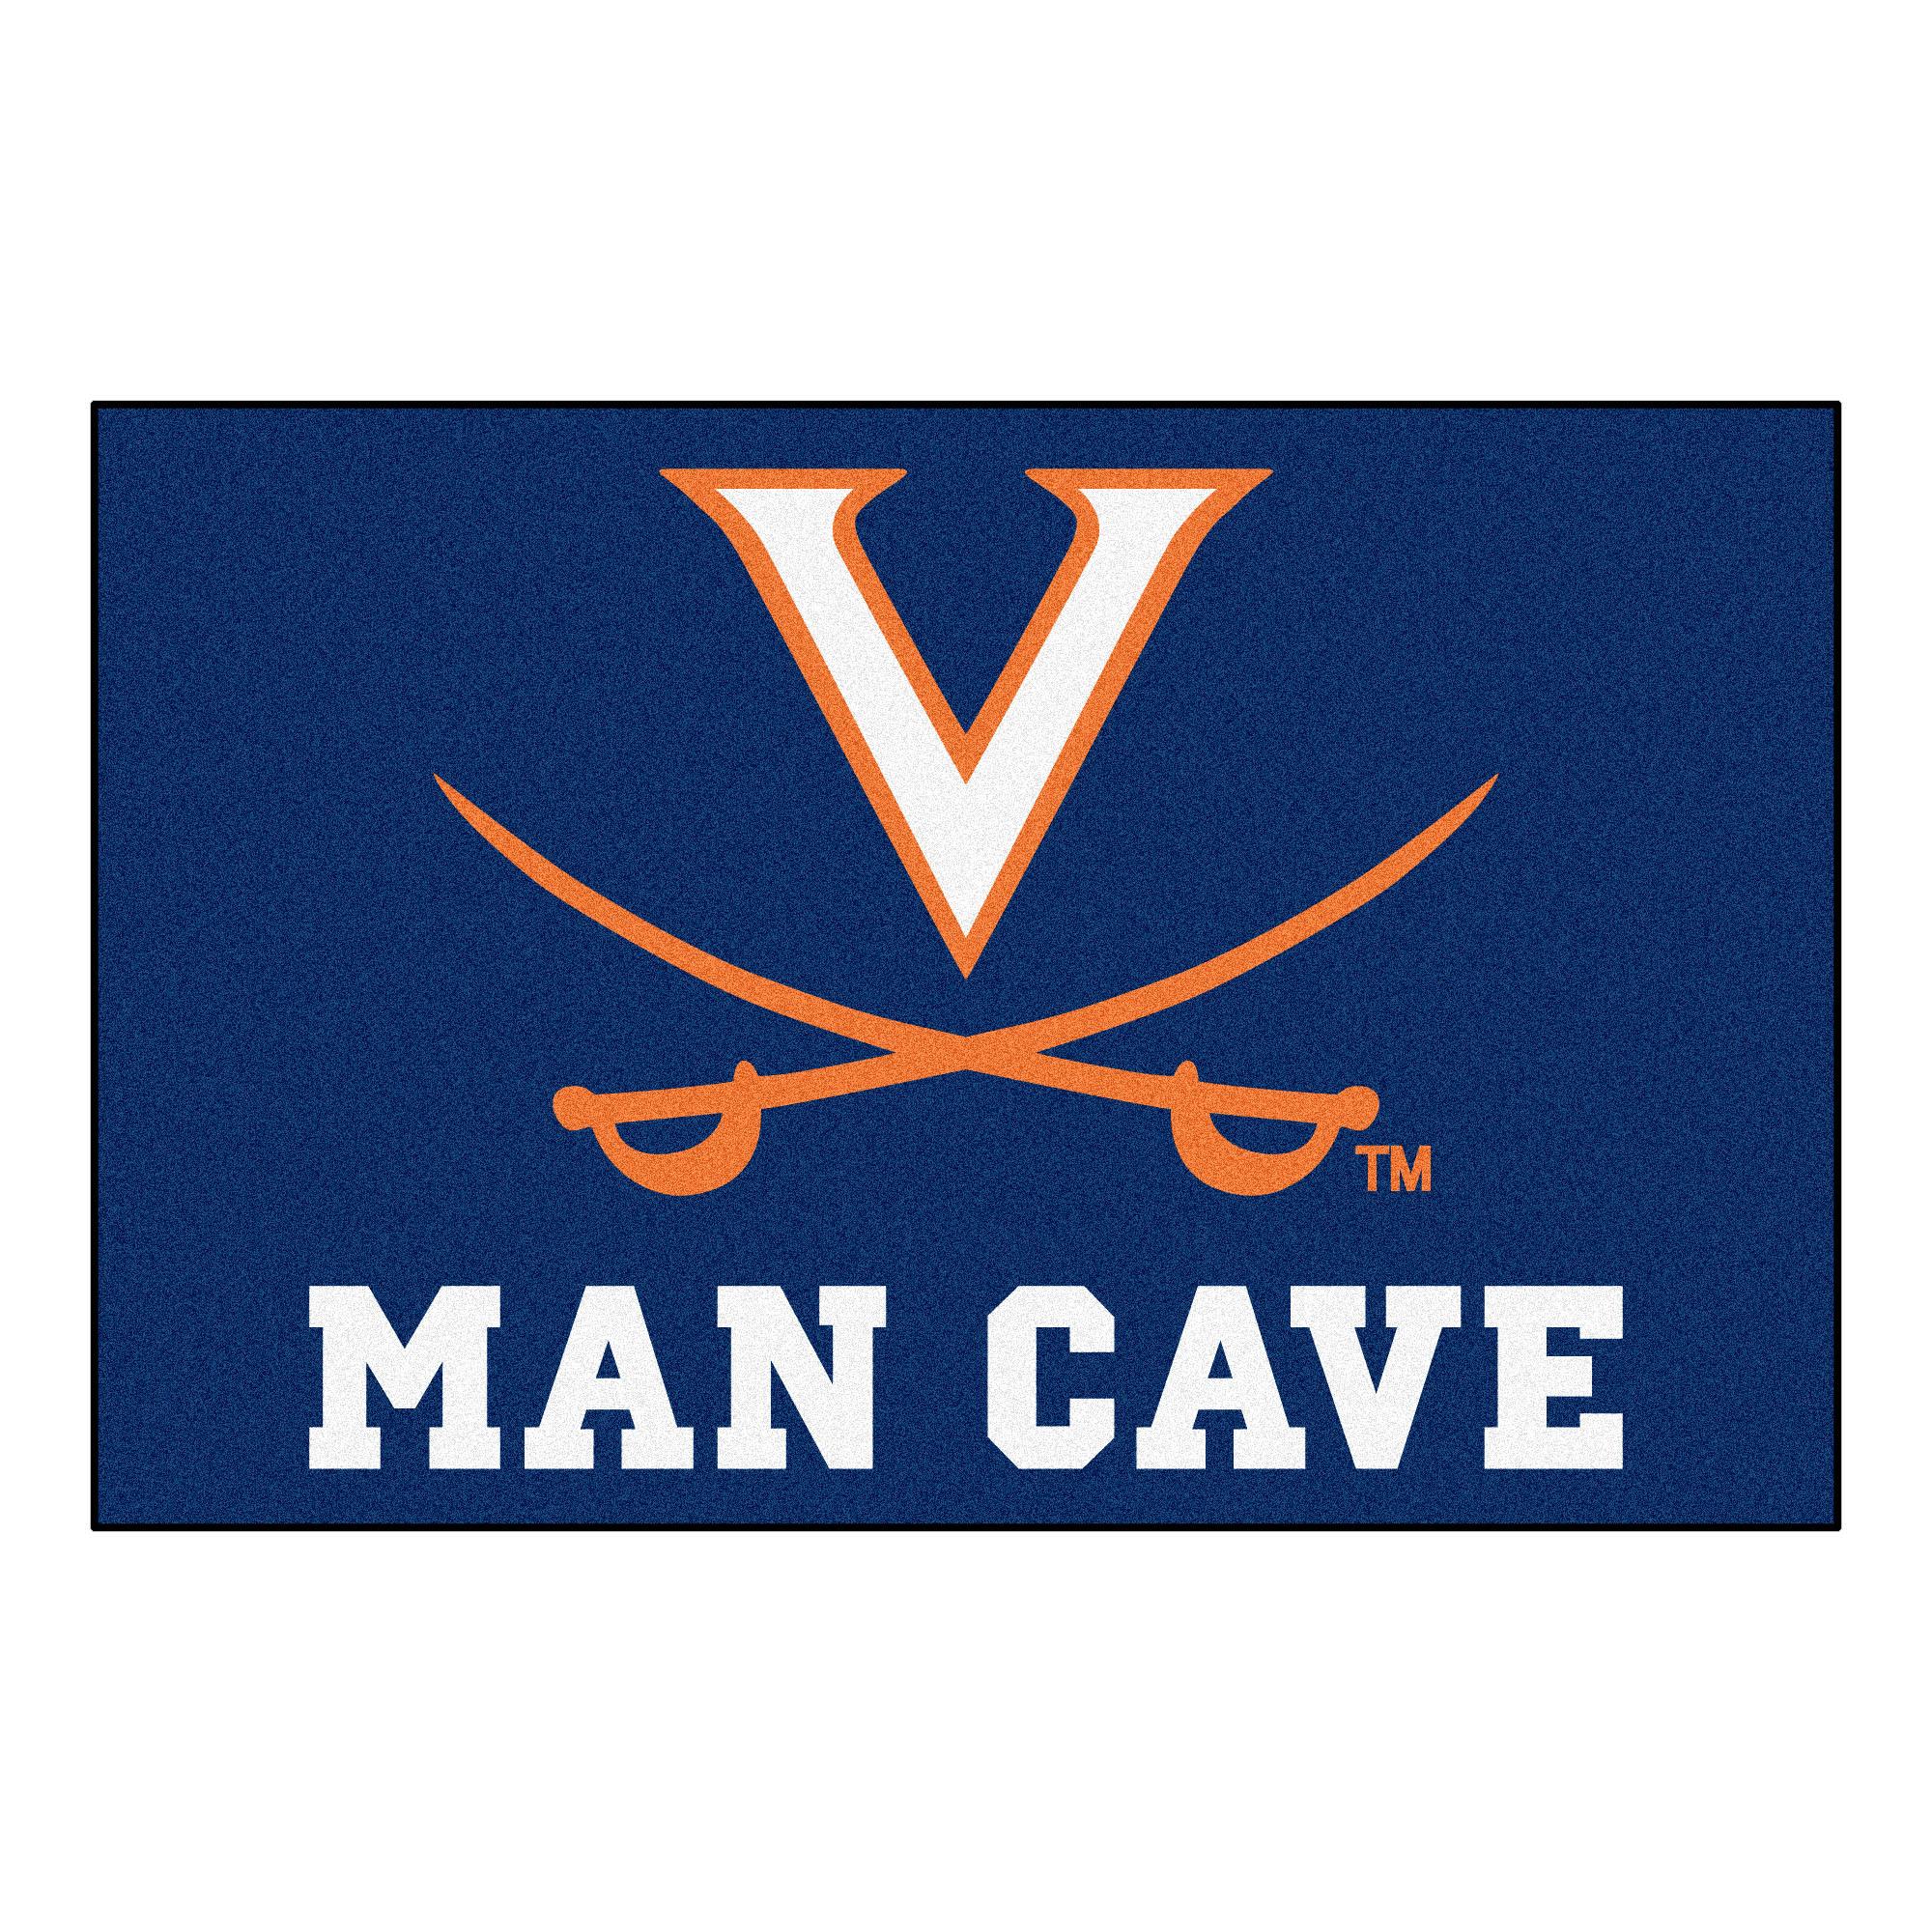 Virginia Cavalier Man Cave Rug/Mat: 4 Sizes Available! 3251-MC